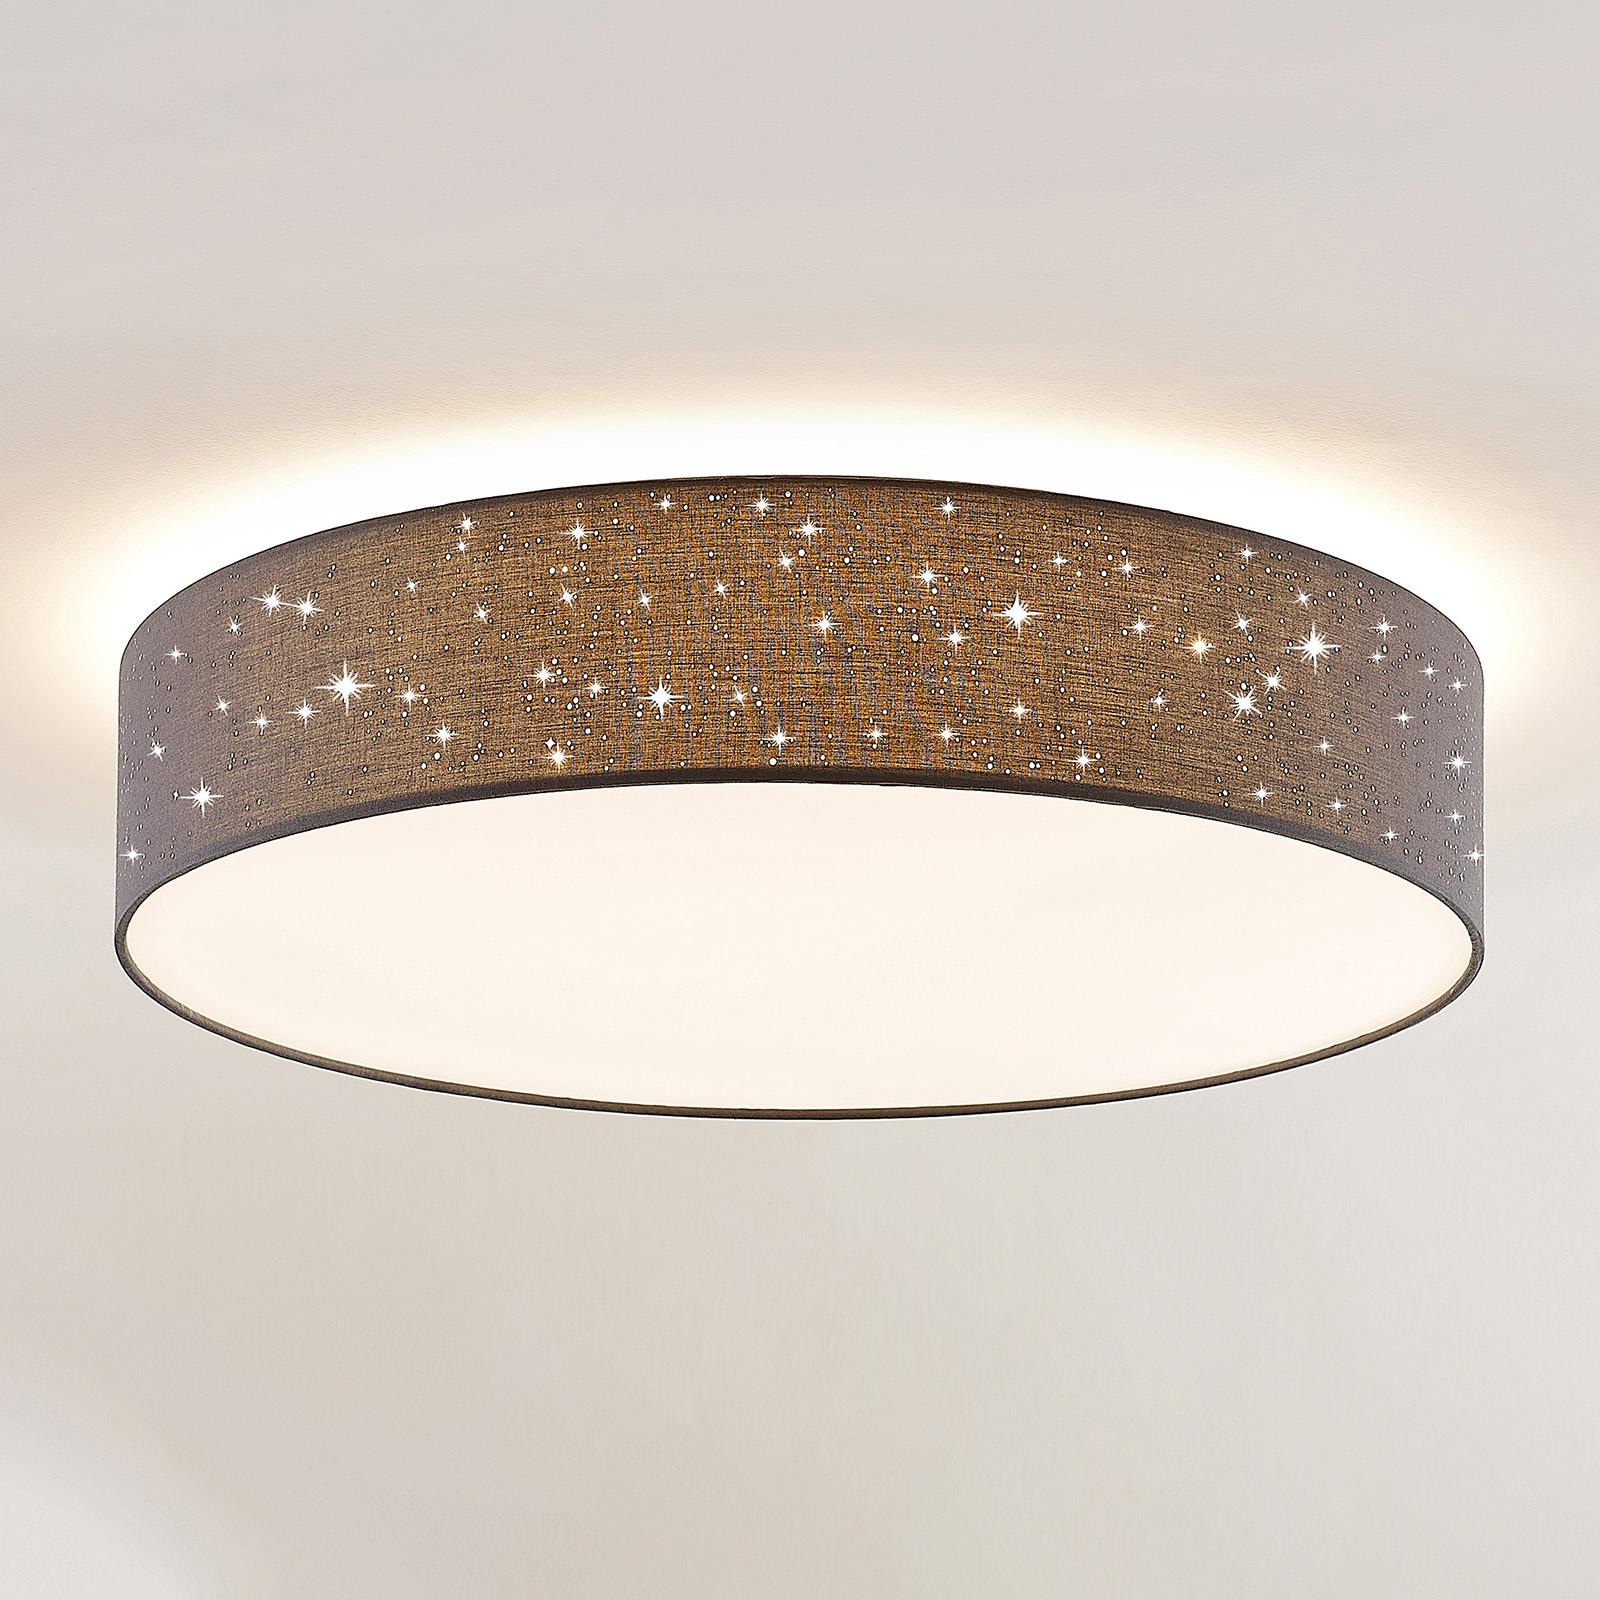 Lindby Ellamina LED-Deckenlampe, 60 cm, dunkelgrau